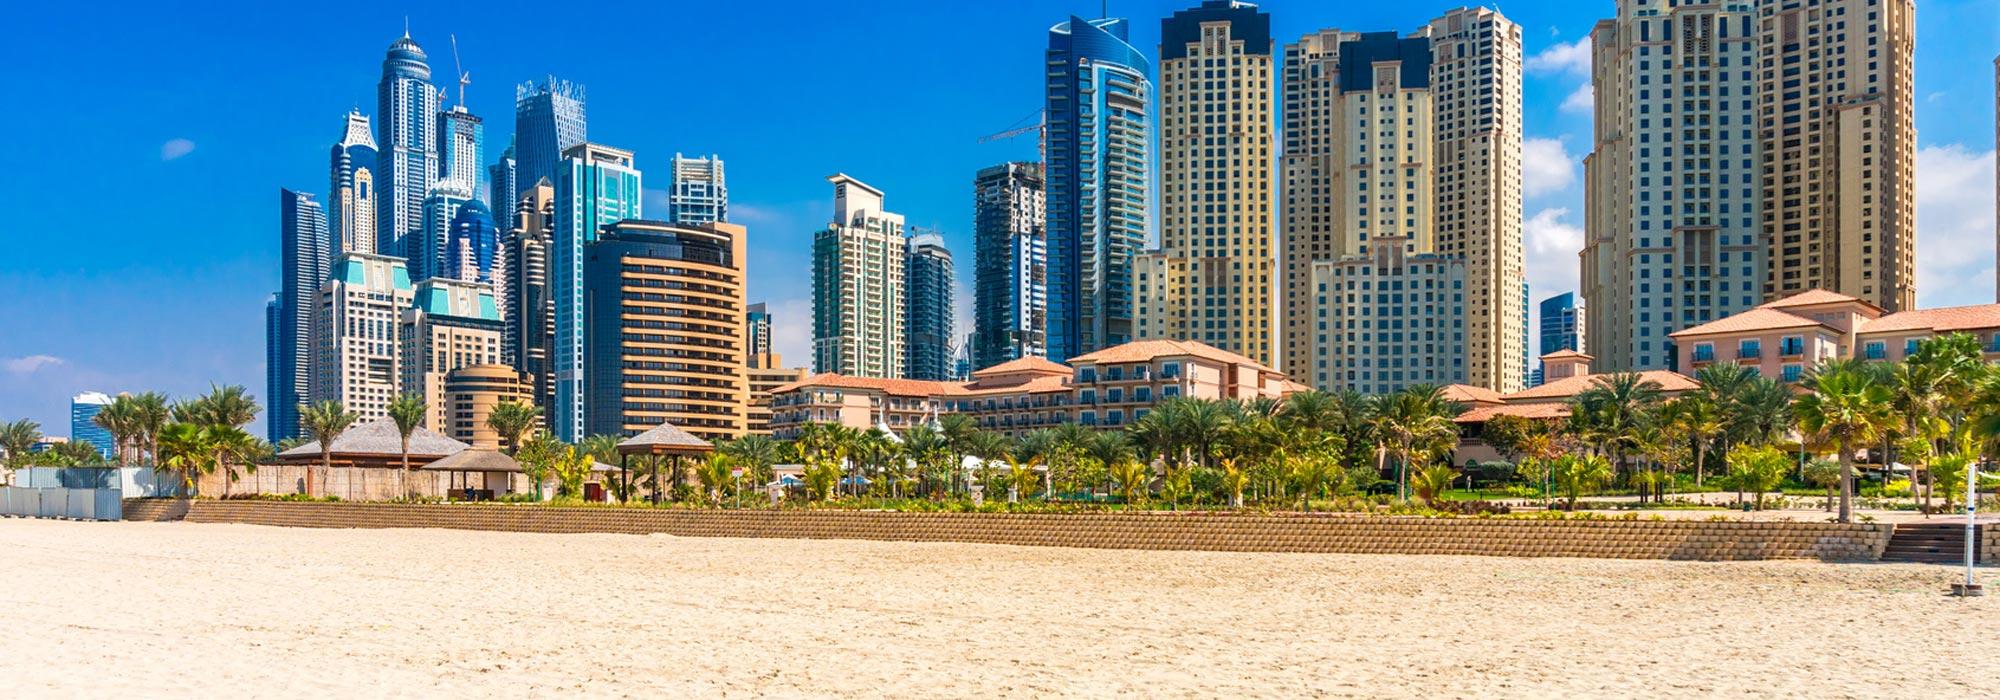 Strandhotels in Dubai günstig online buchen